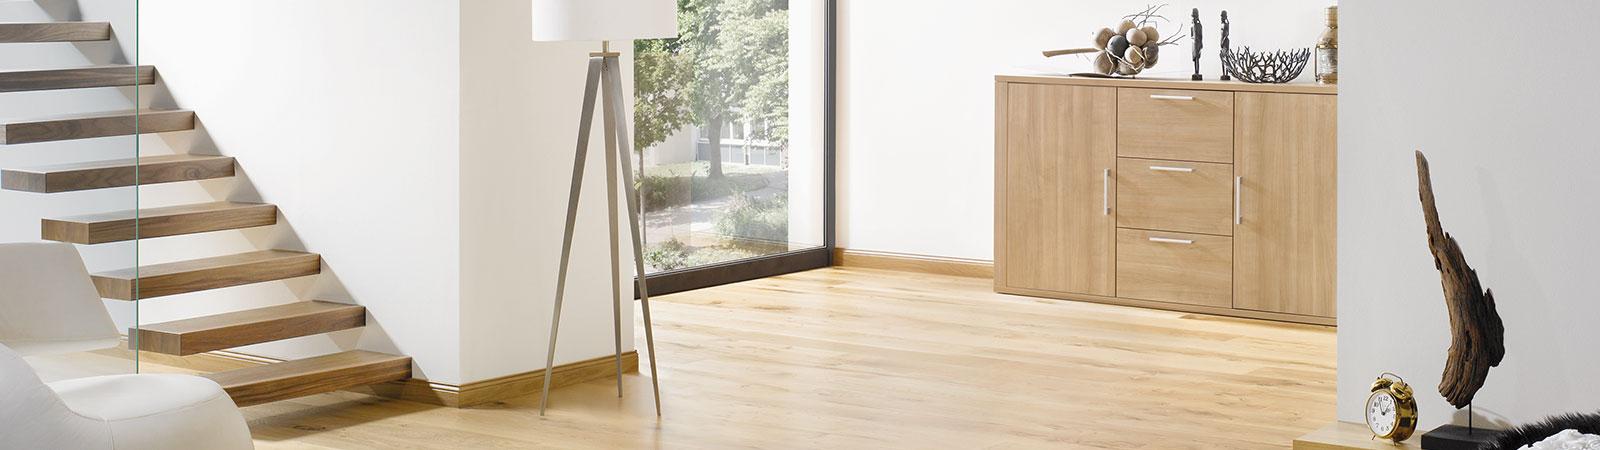 anstriche f r treppen treppenanlagen osmo holz und. Black Bedroom Furniture Sets. Home Design Ideas